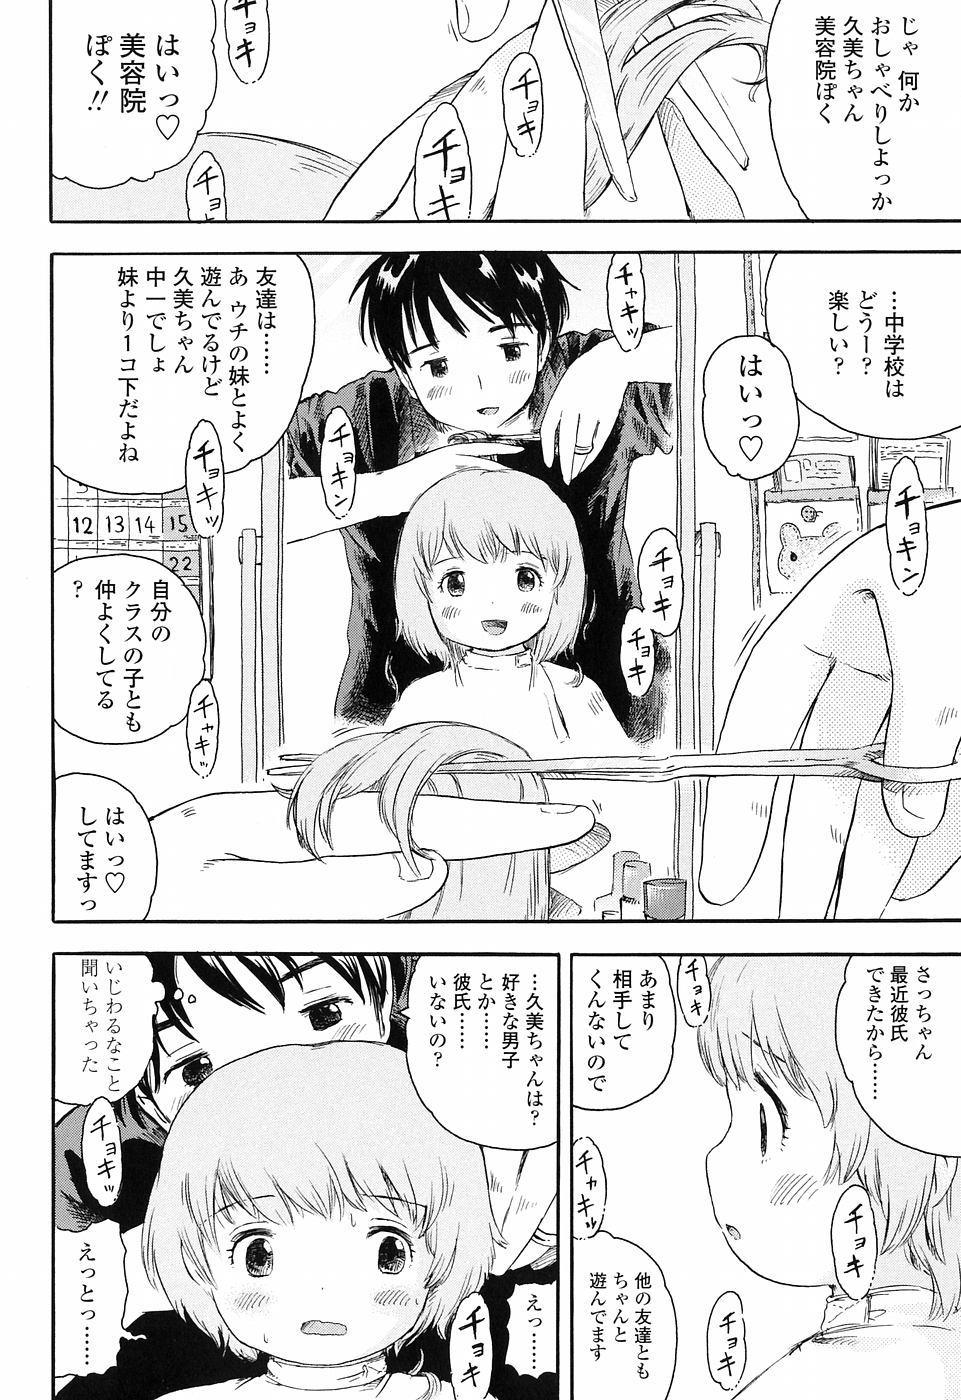 Koisuru Fukurami 181